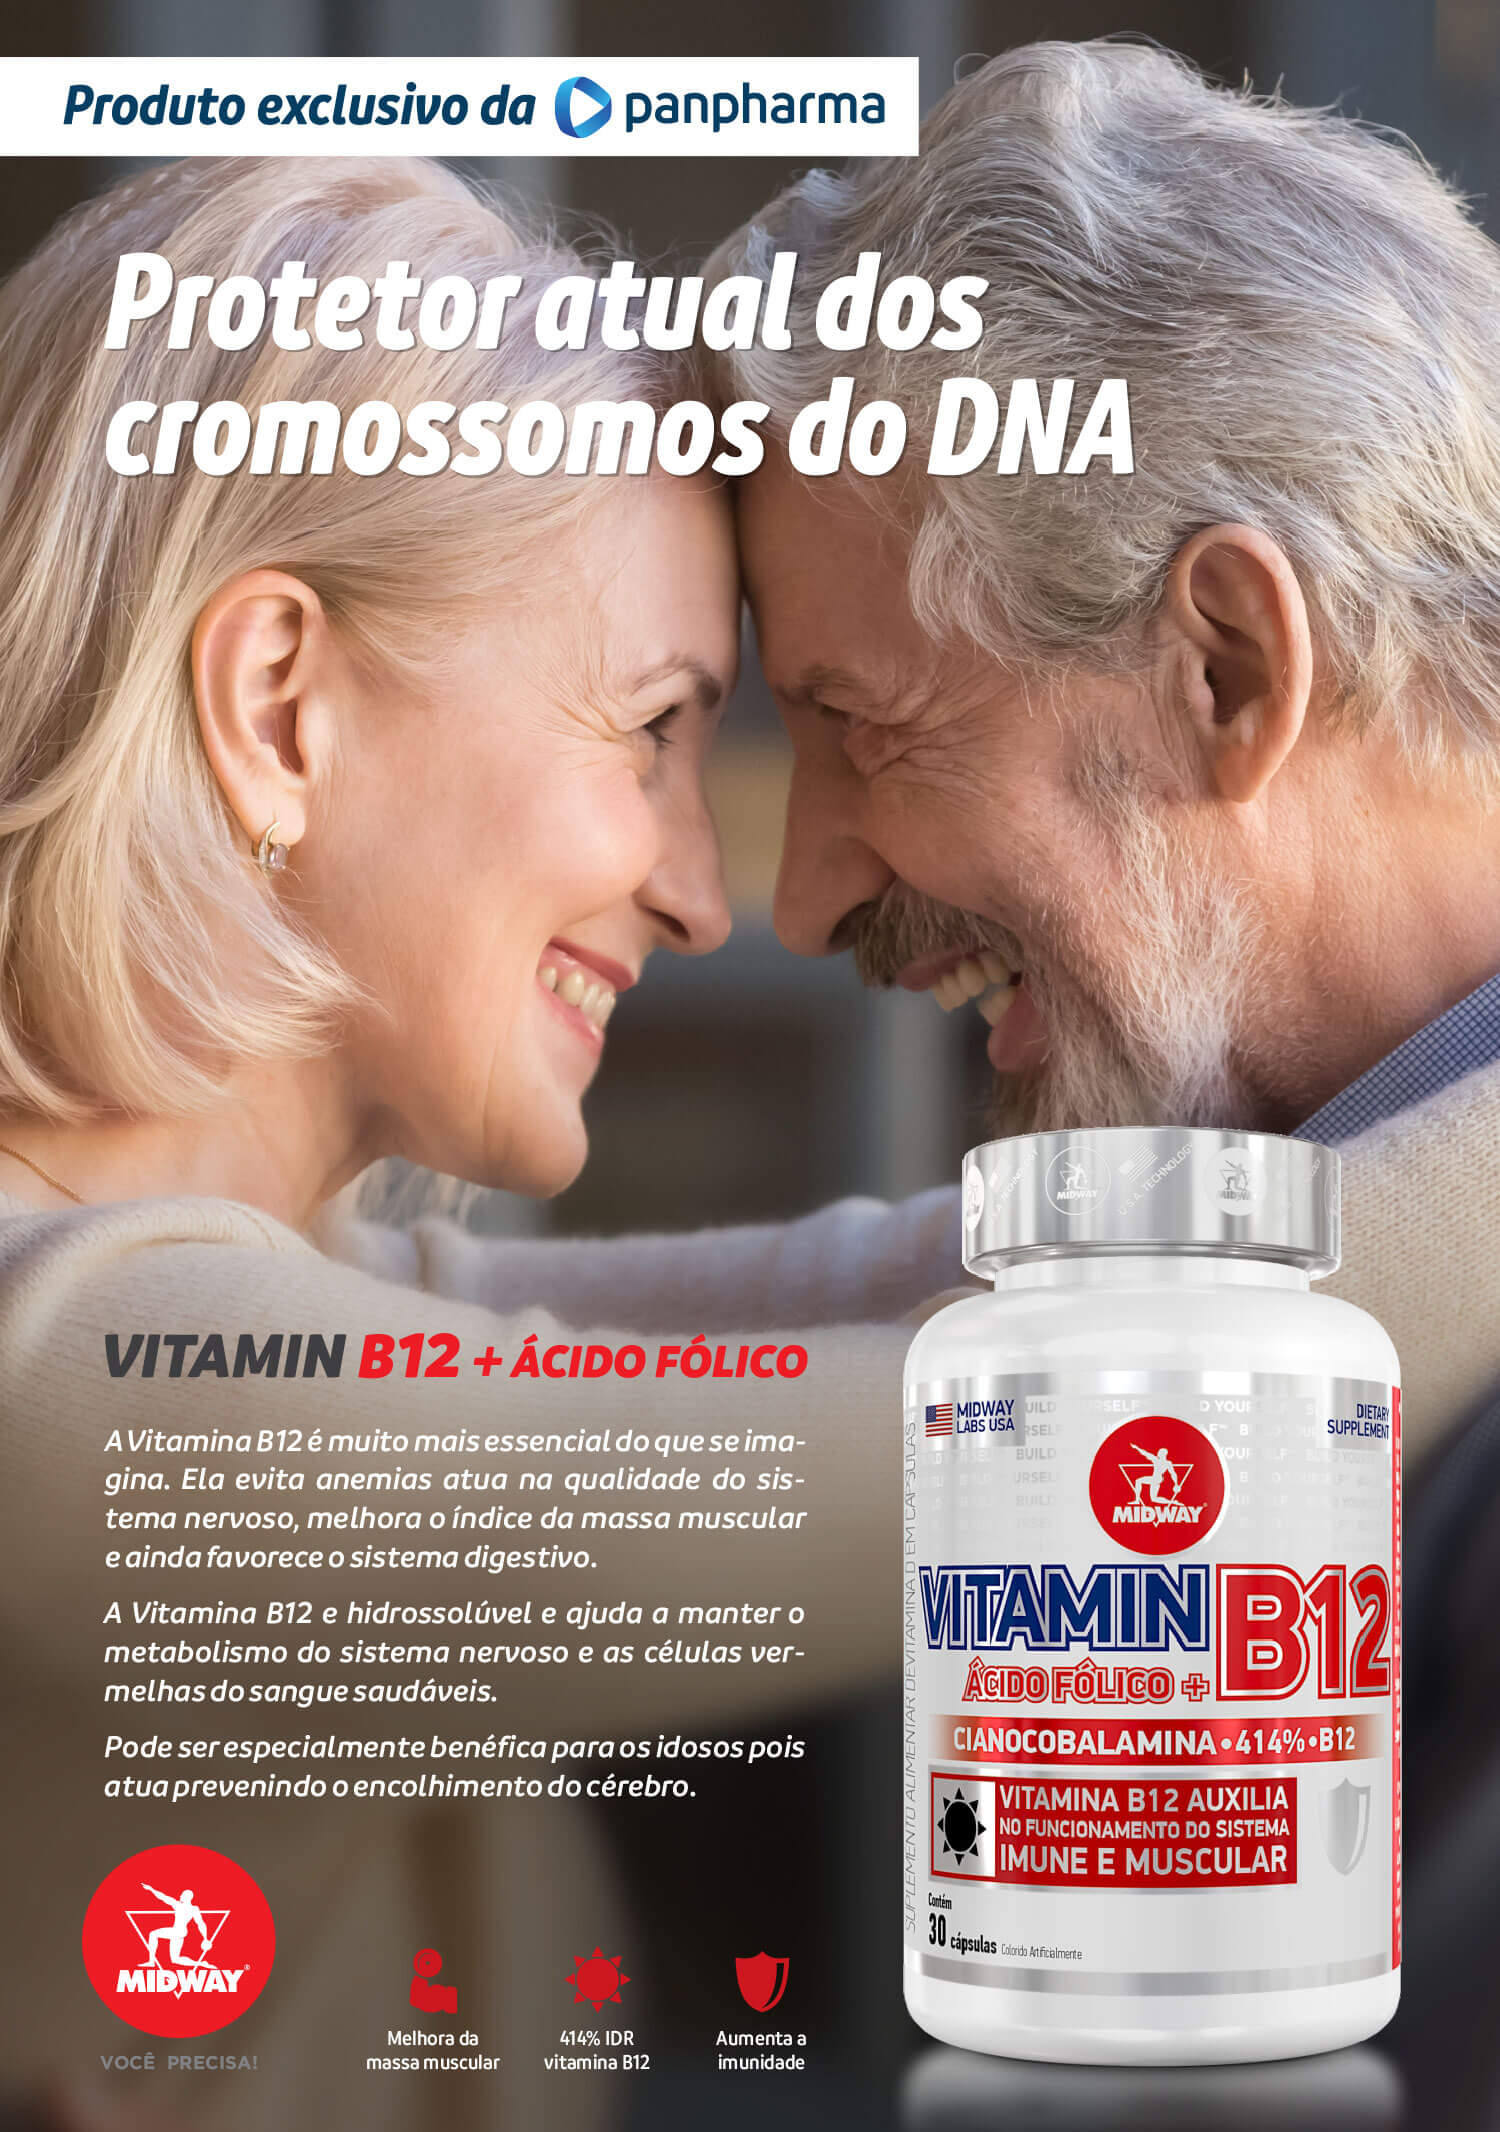 Vitamin B12 + Ácido Fólico